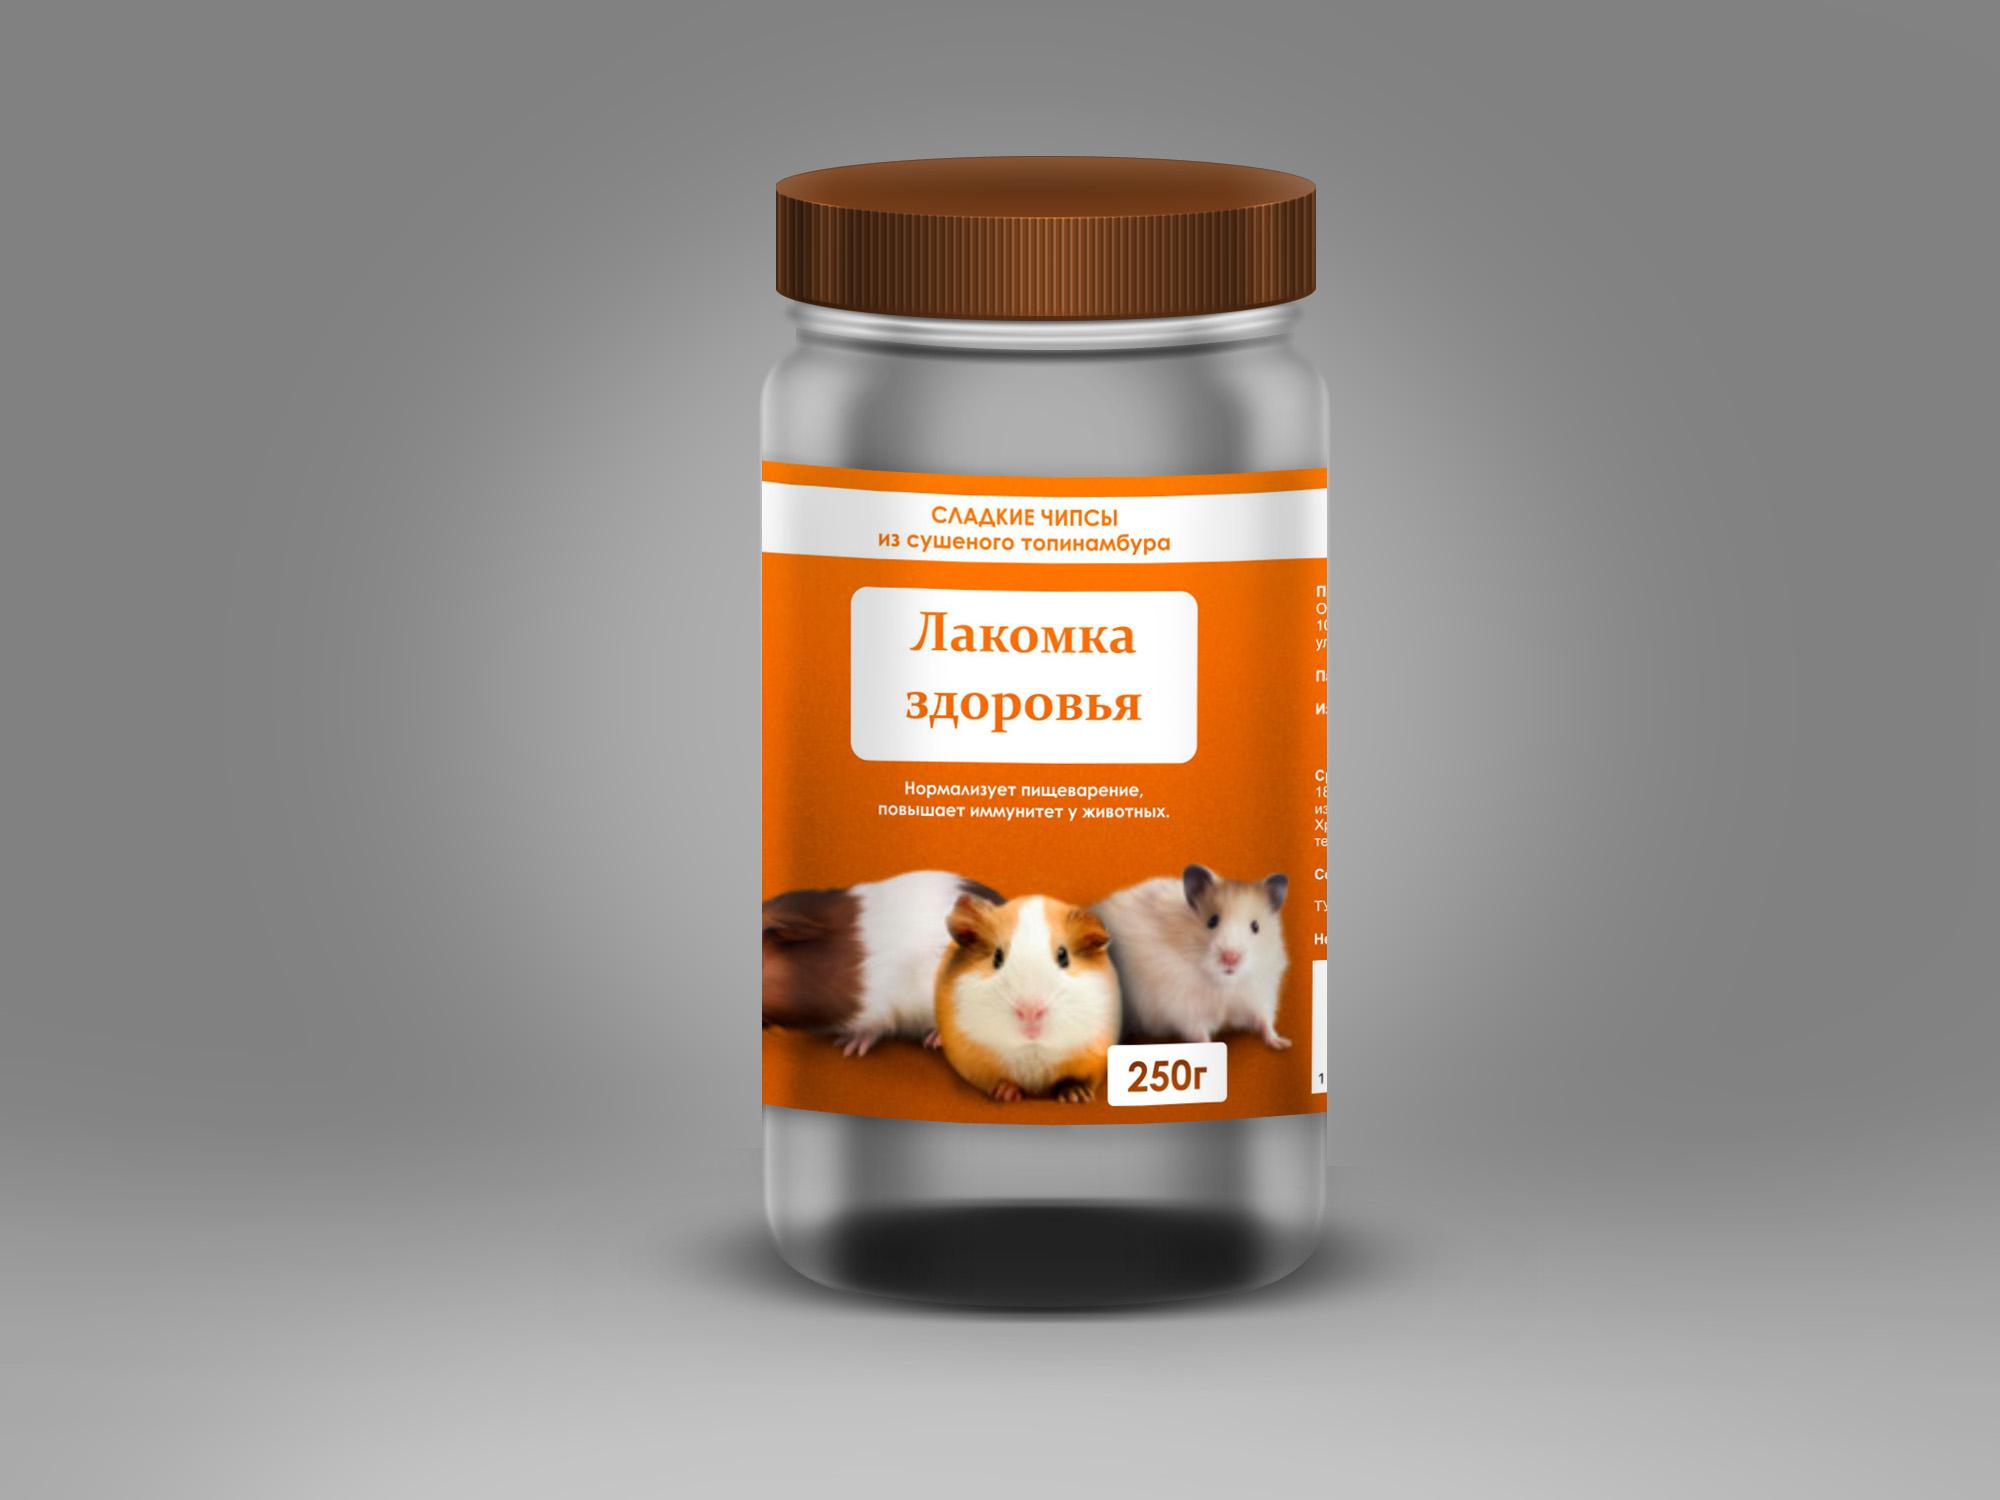 Дизайн этикетки на ПЭТ-банку лакомства для домашних грызунов фото f_28653b027e4aa008.jpg